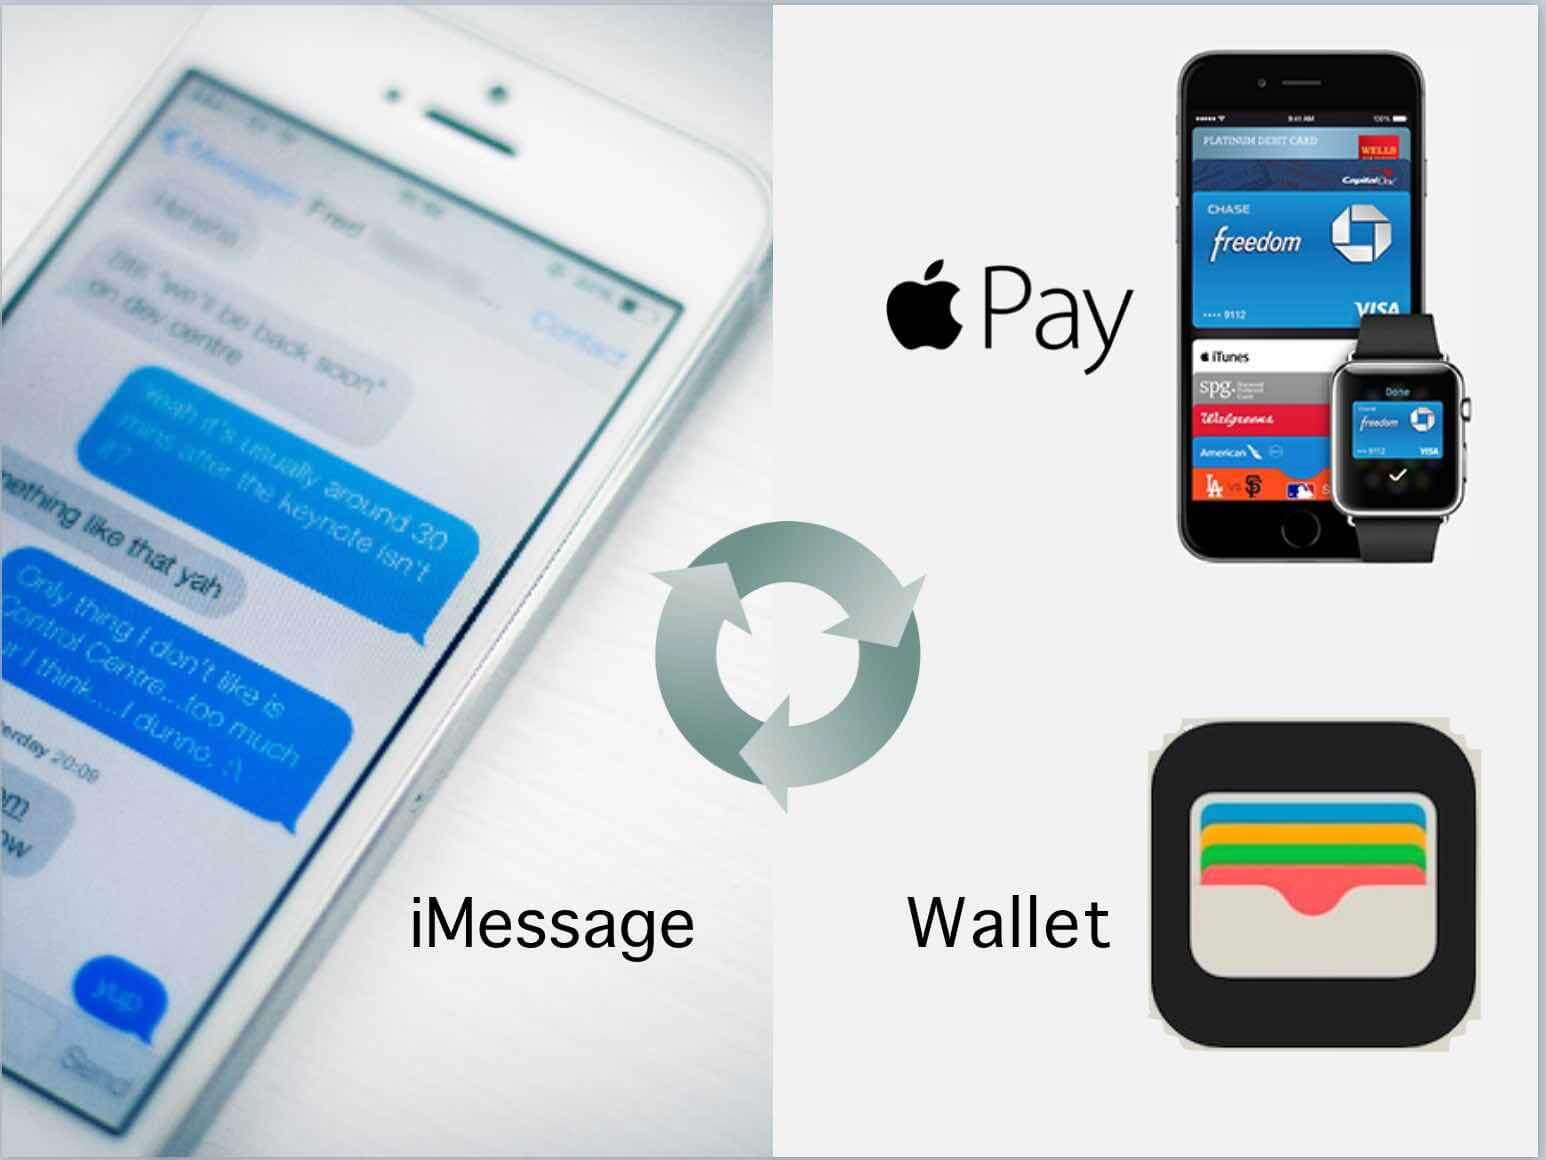 Apple Pay Cash penzkuldes okoszisztema